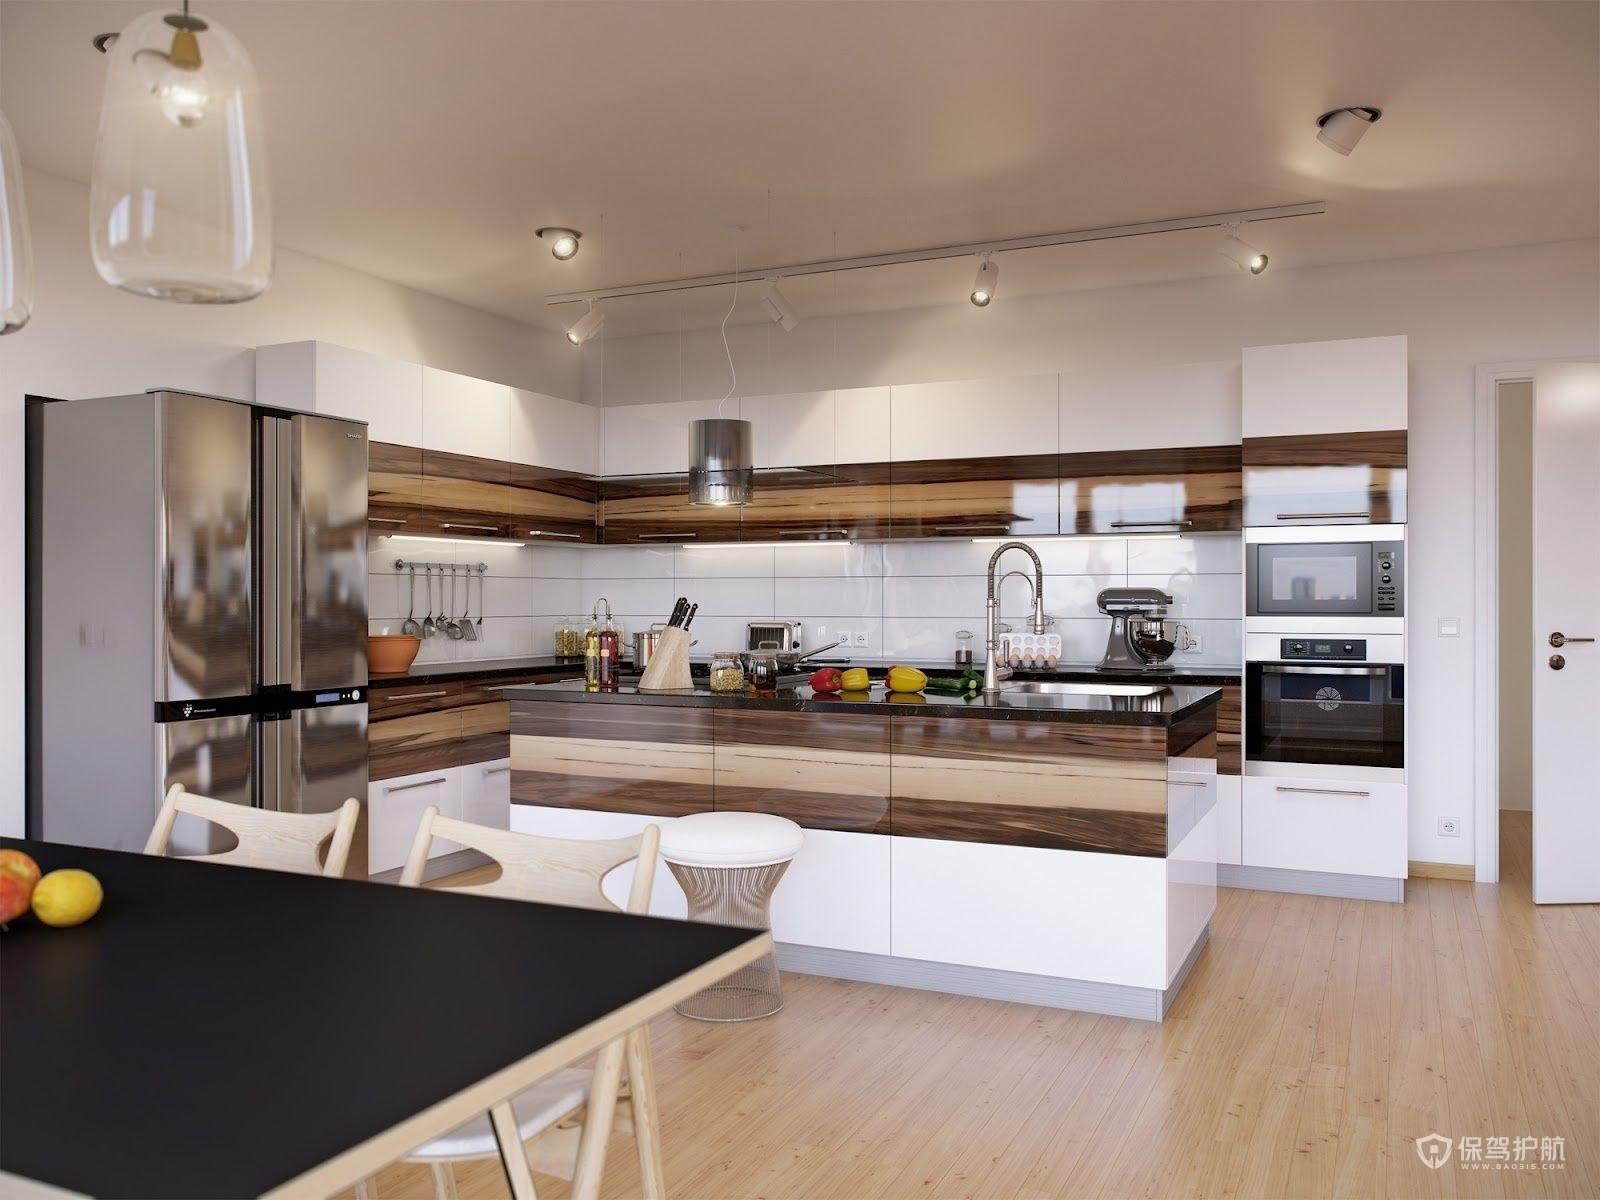 简约风三居室厨房装修效果图